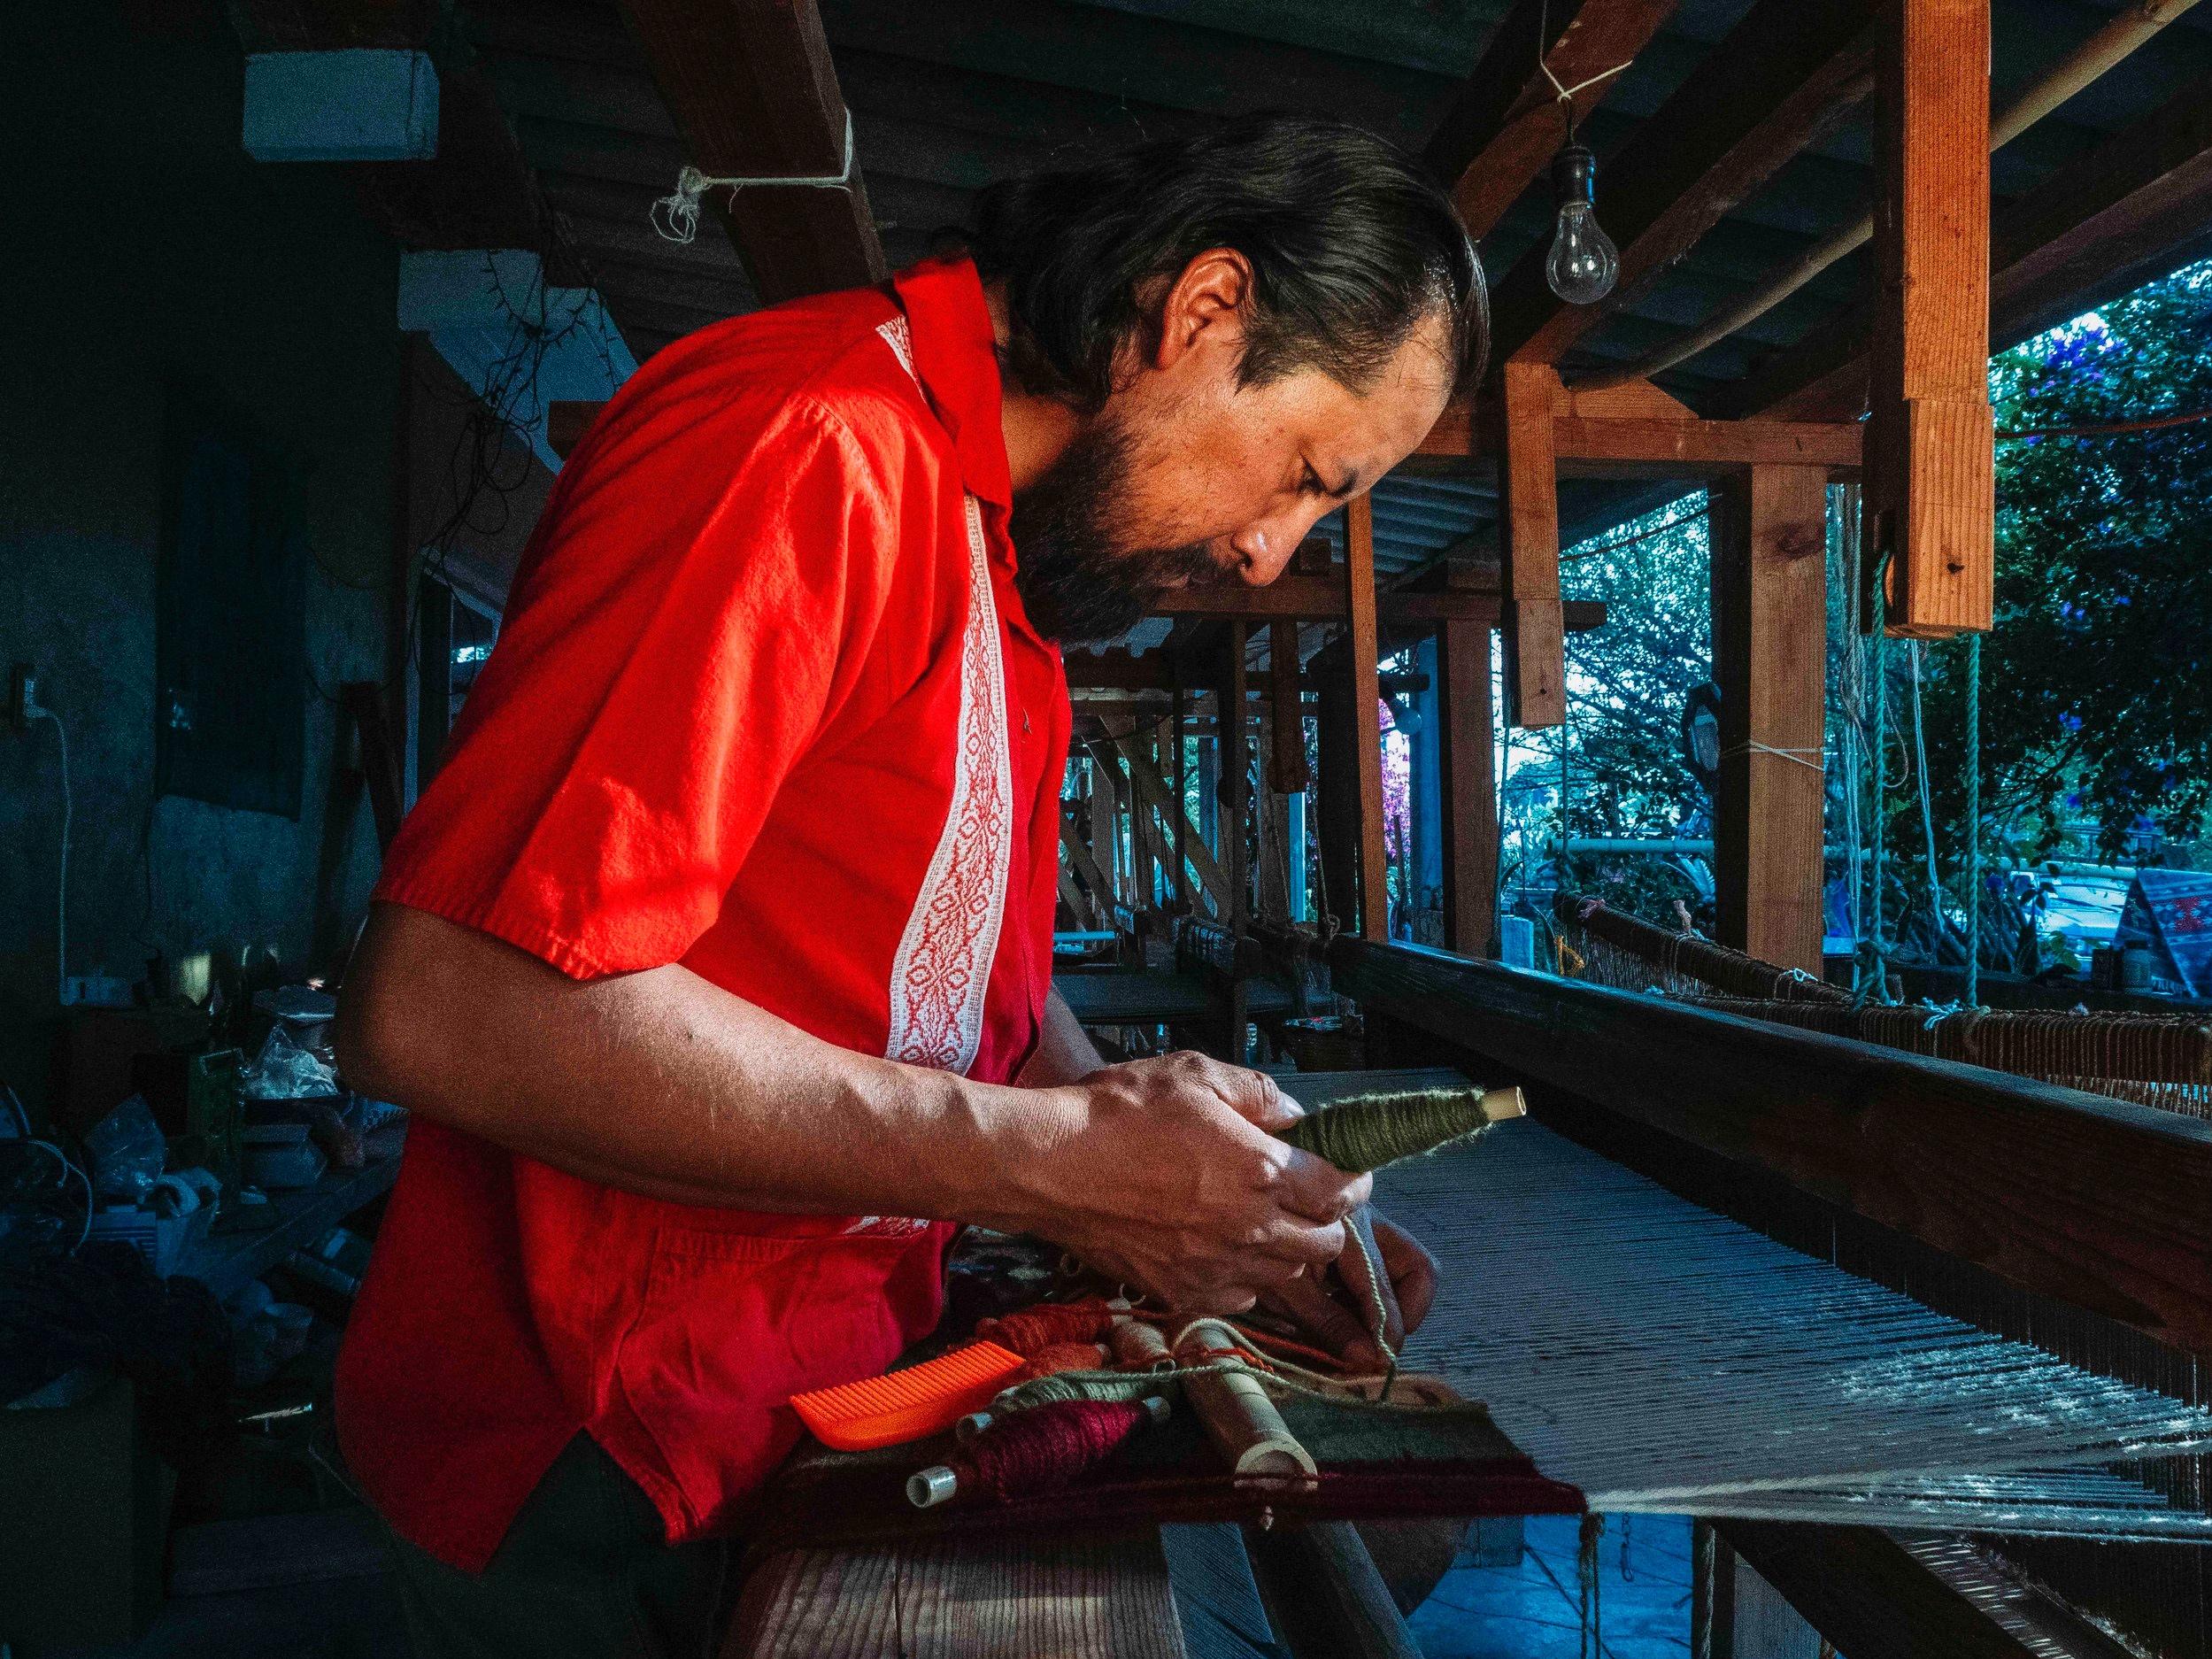 Sam+Weaving.jpg